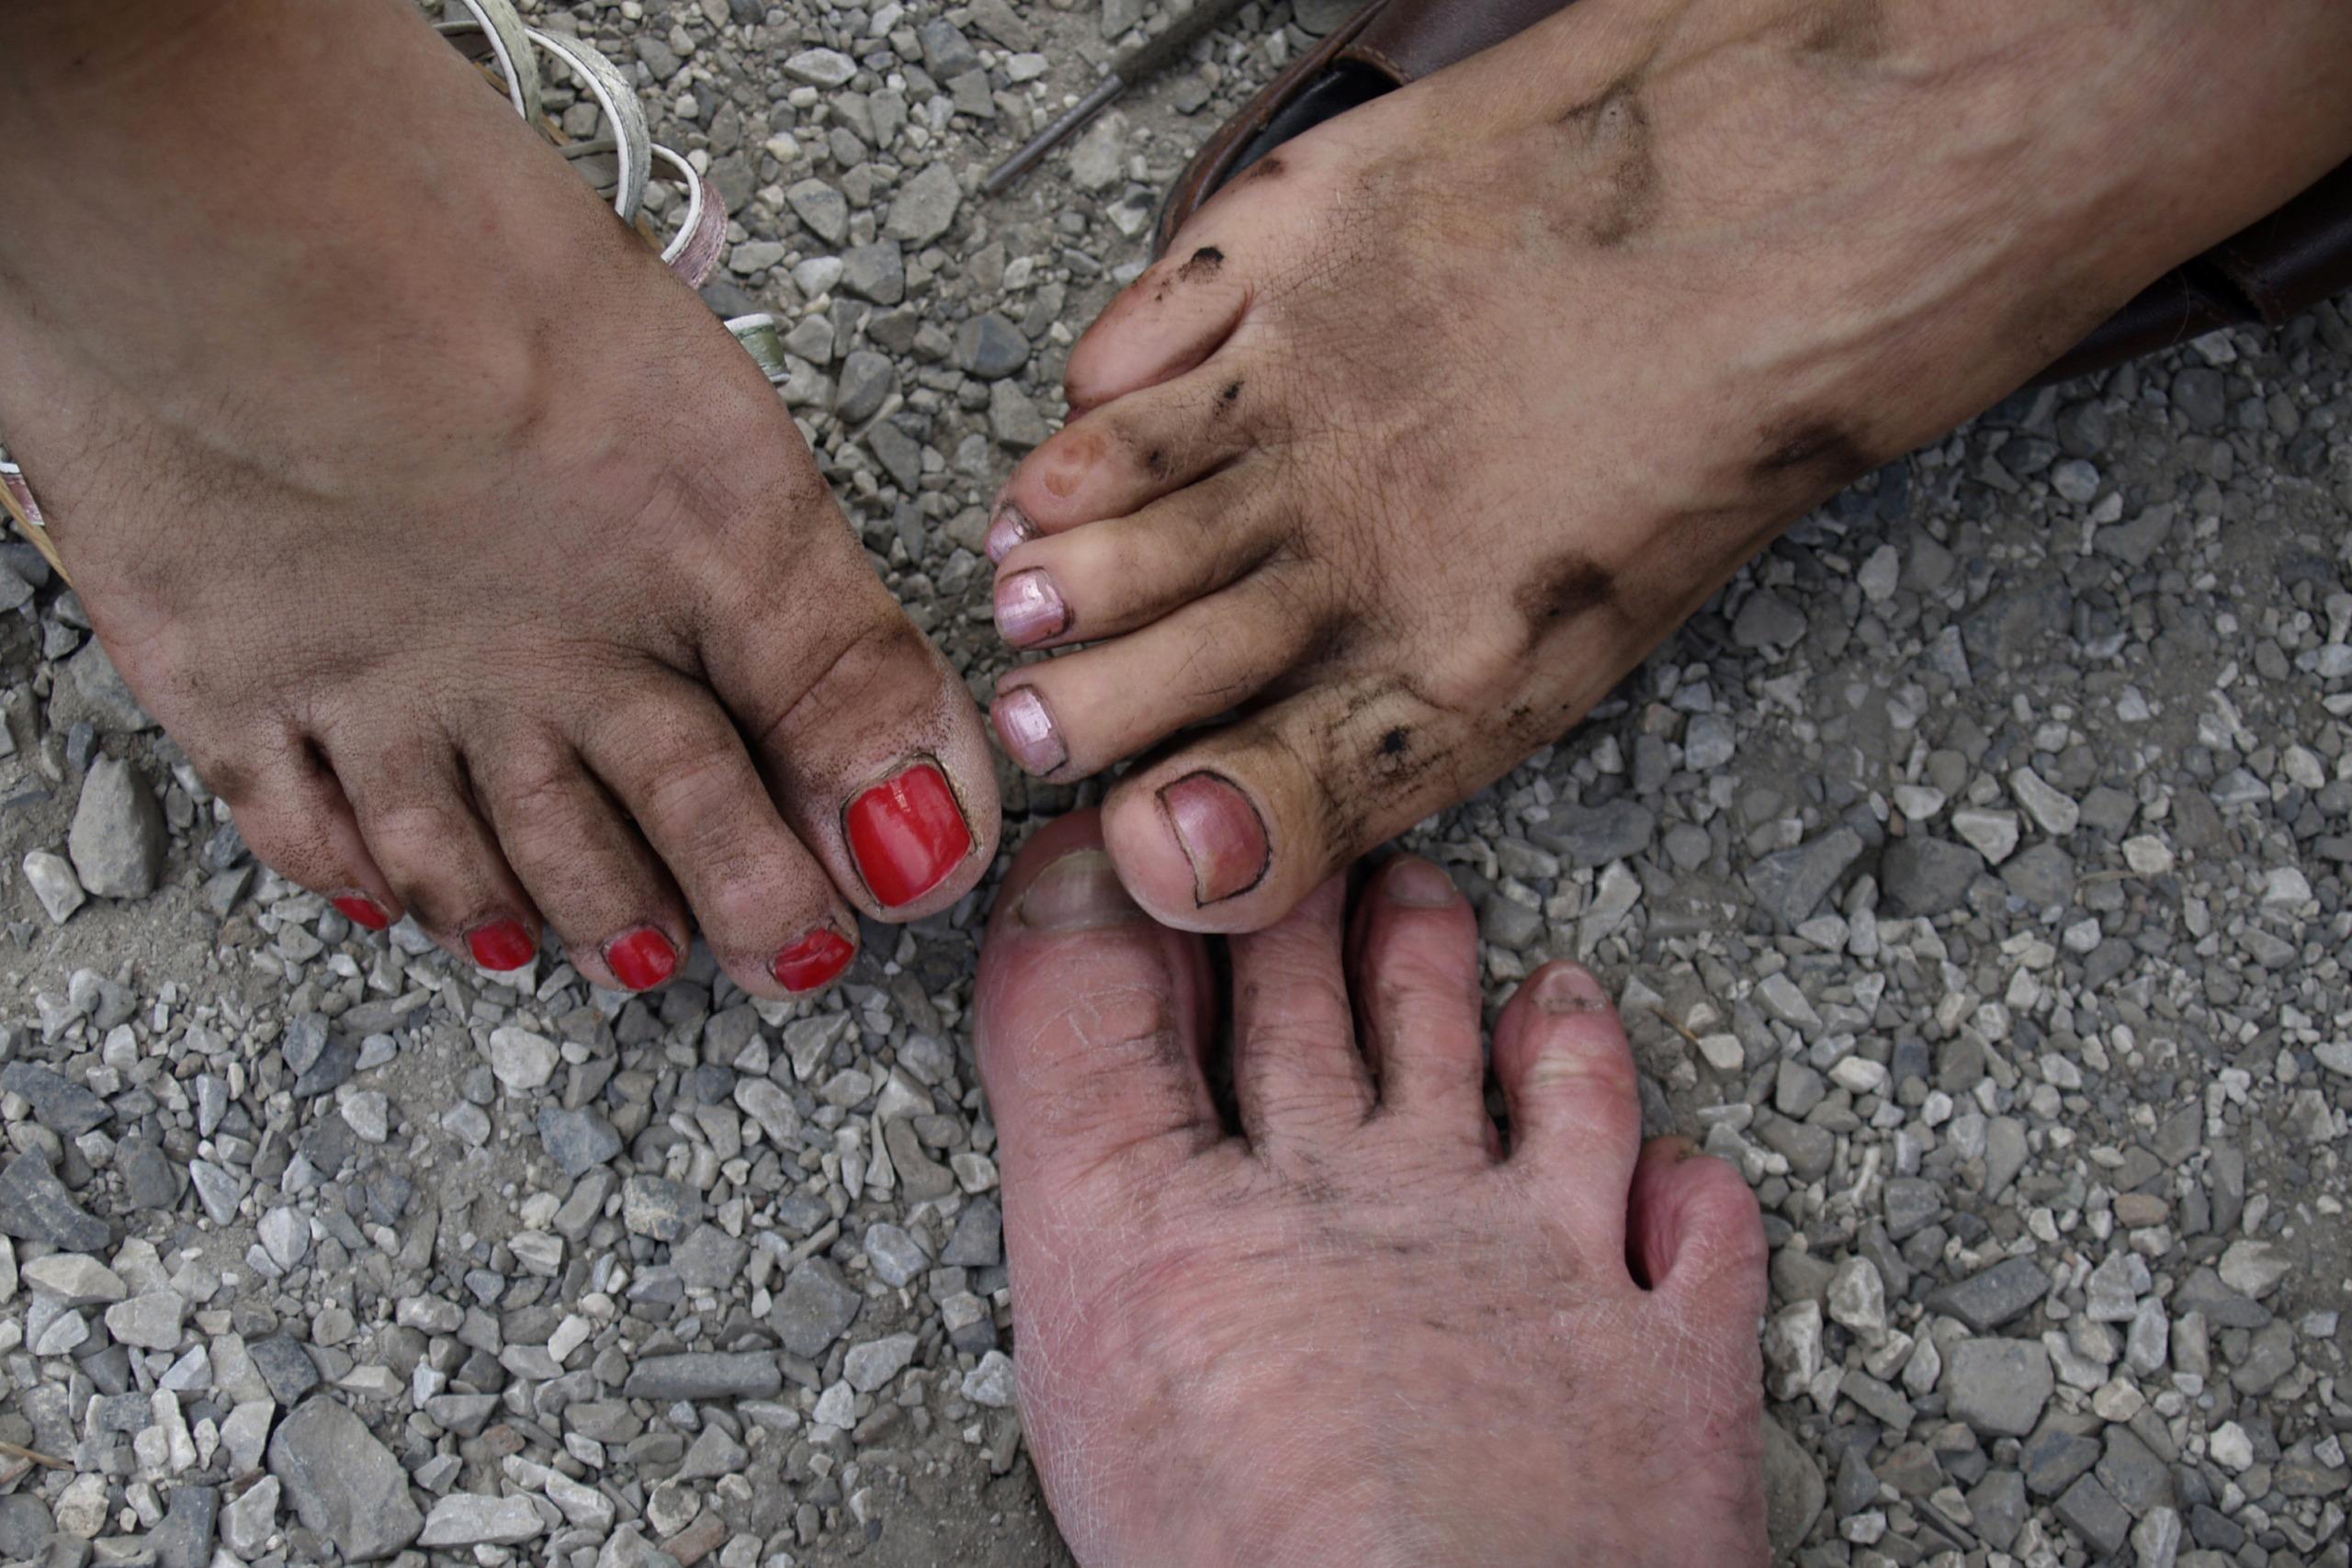 Ножки женщин грязные, транссексуалки фото и анкеты